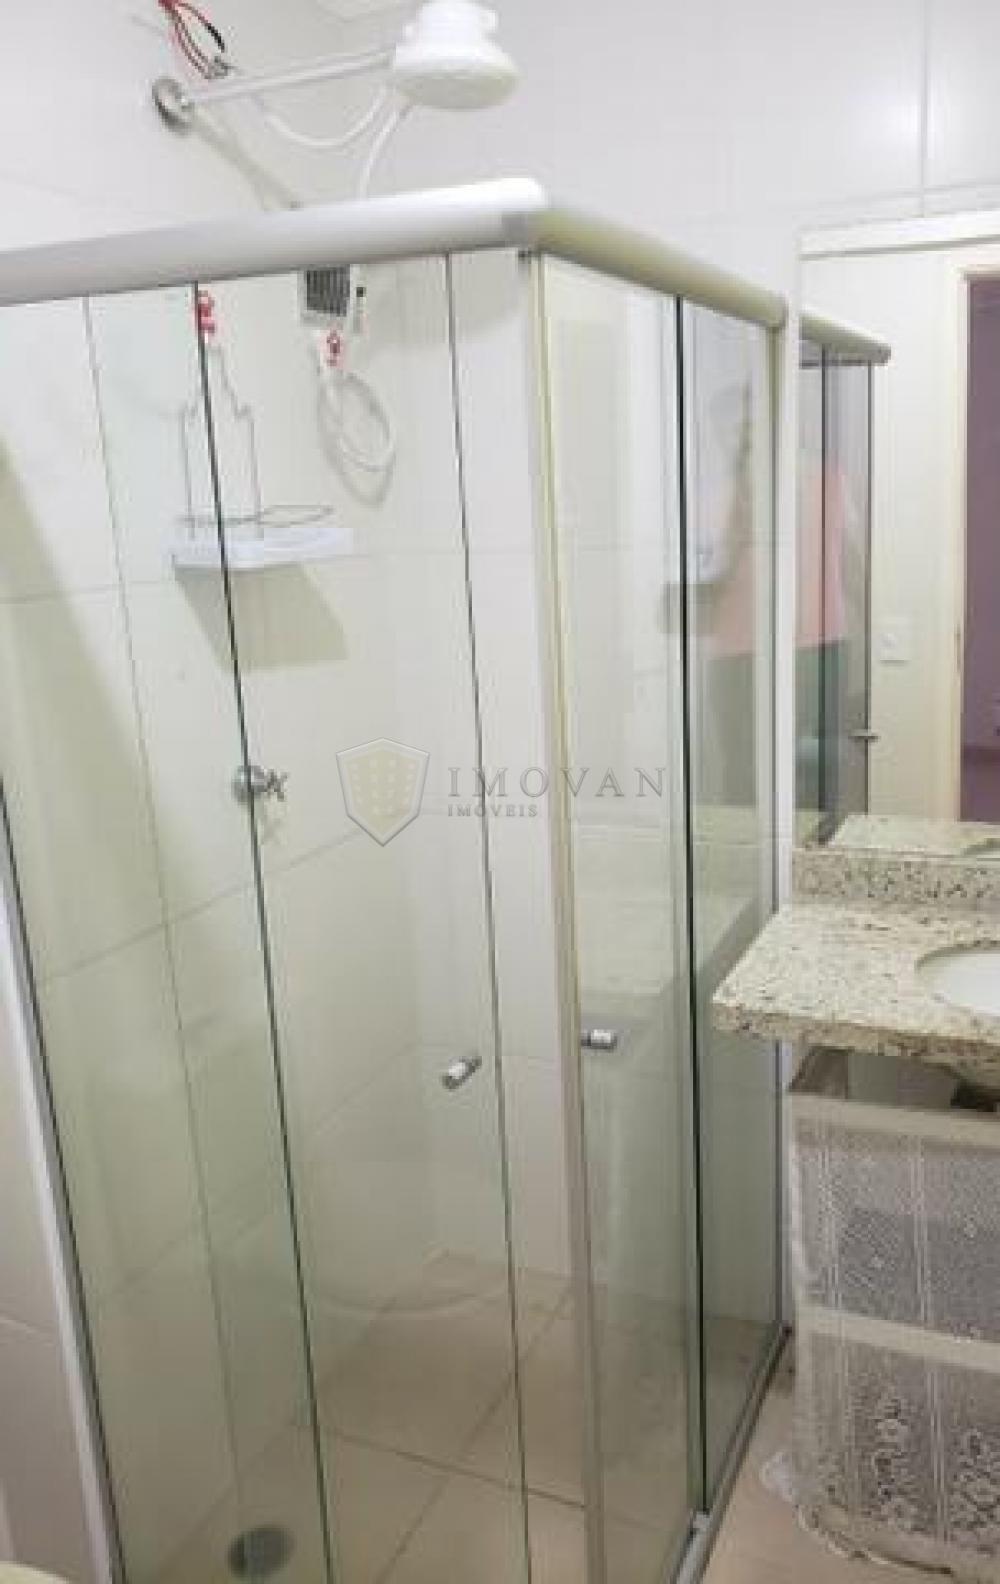 Comprar Apartamento / Padrão em Ribeirão Preto apenas R$ 250.000,00 - Foto 11